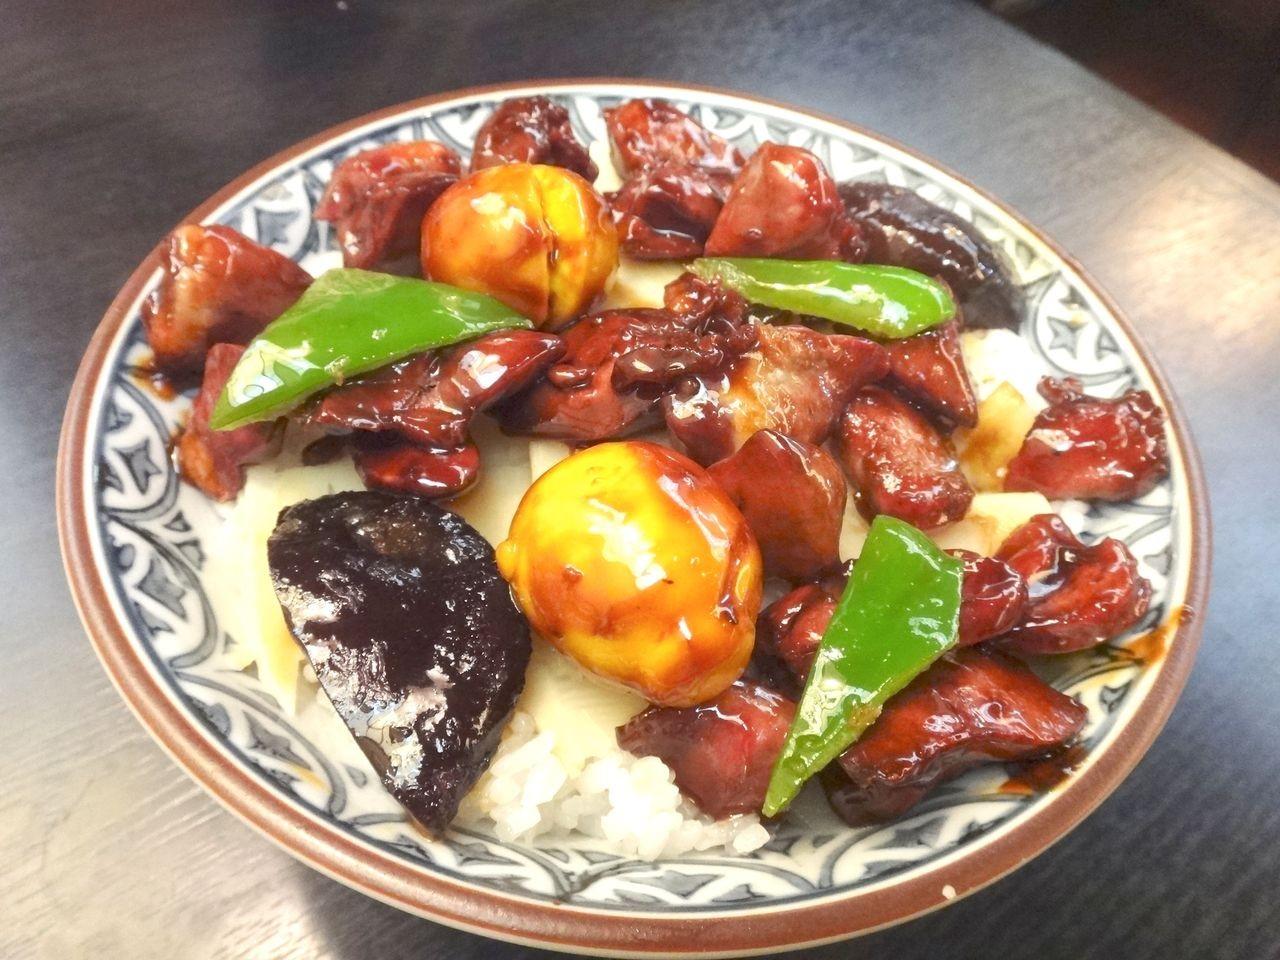 甲府鳥もつ煮のおすすめ店特集!山梨のB級グルメにトライ